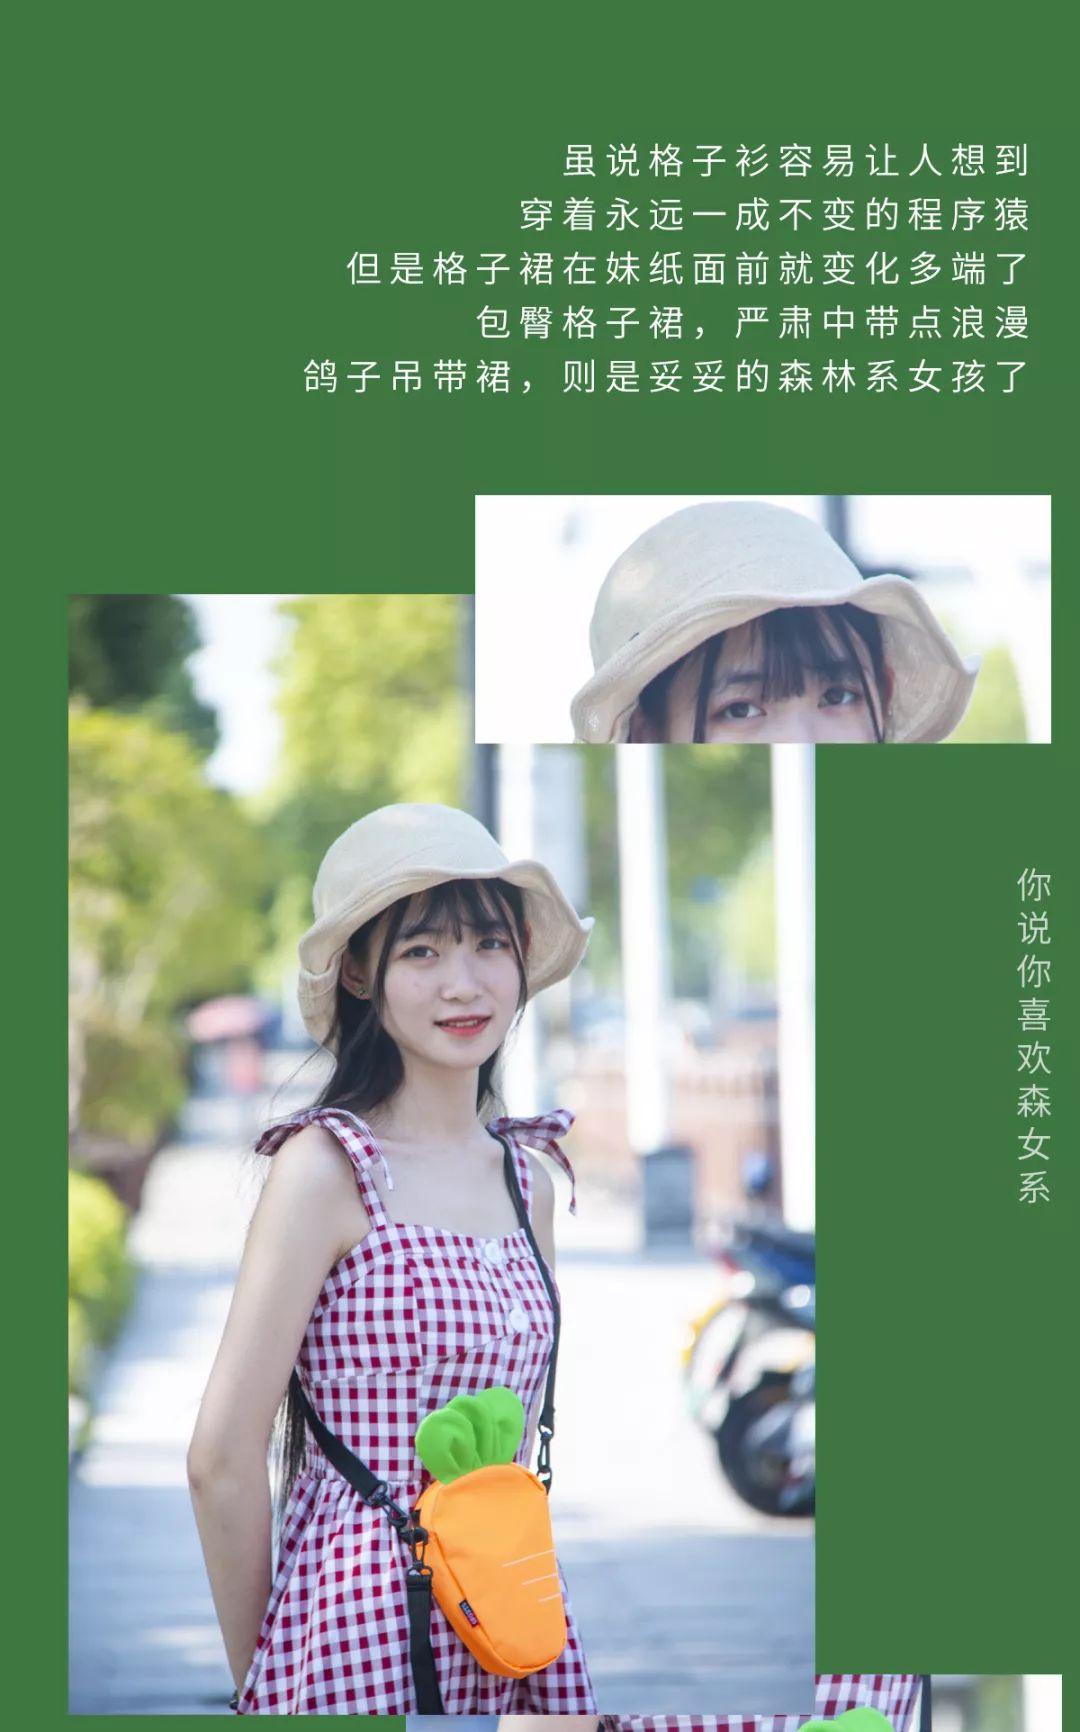 亚洲撸撸少女_钉梨涡钉,撸暗黑妆,广州95后少女们也太个性了吧!